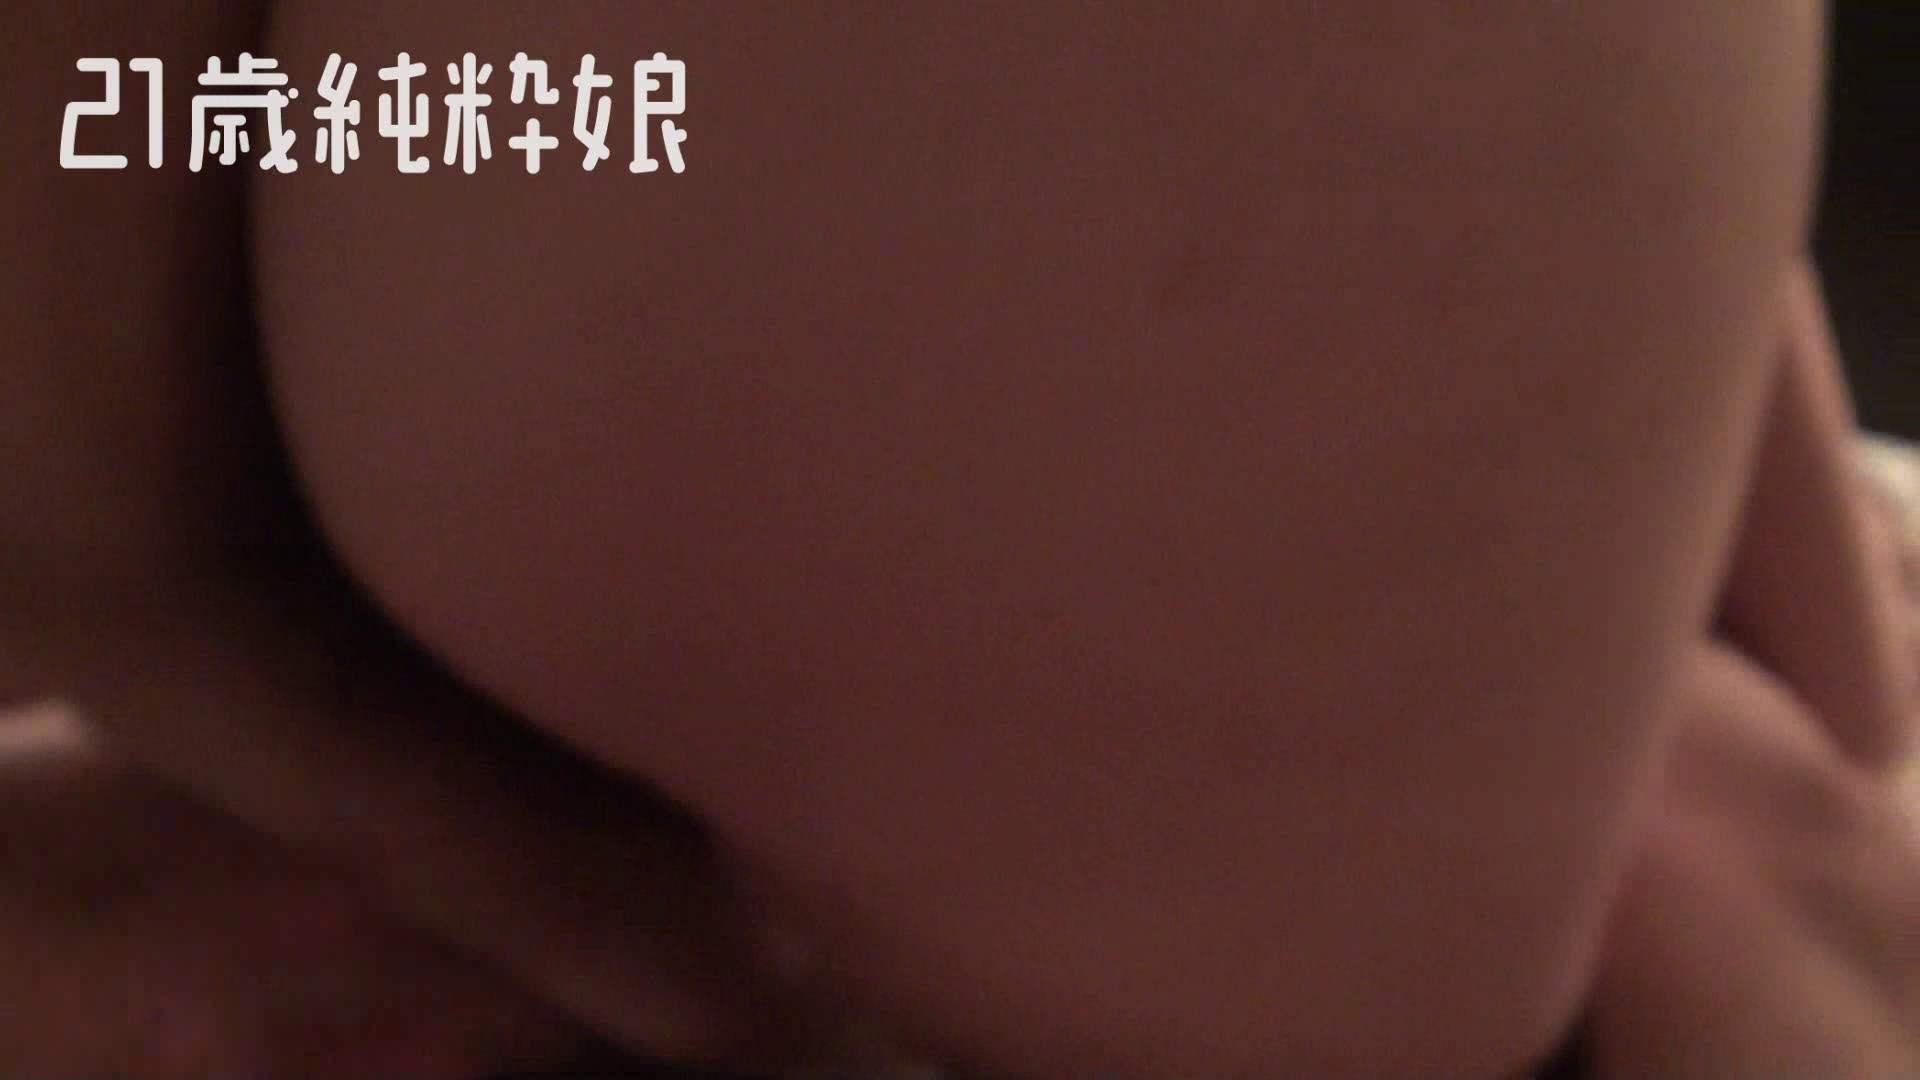 Gカップ21歳純粋嬢第2弾Vol.4 OLの裸事情  69枚 9